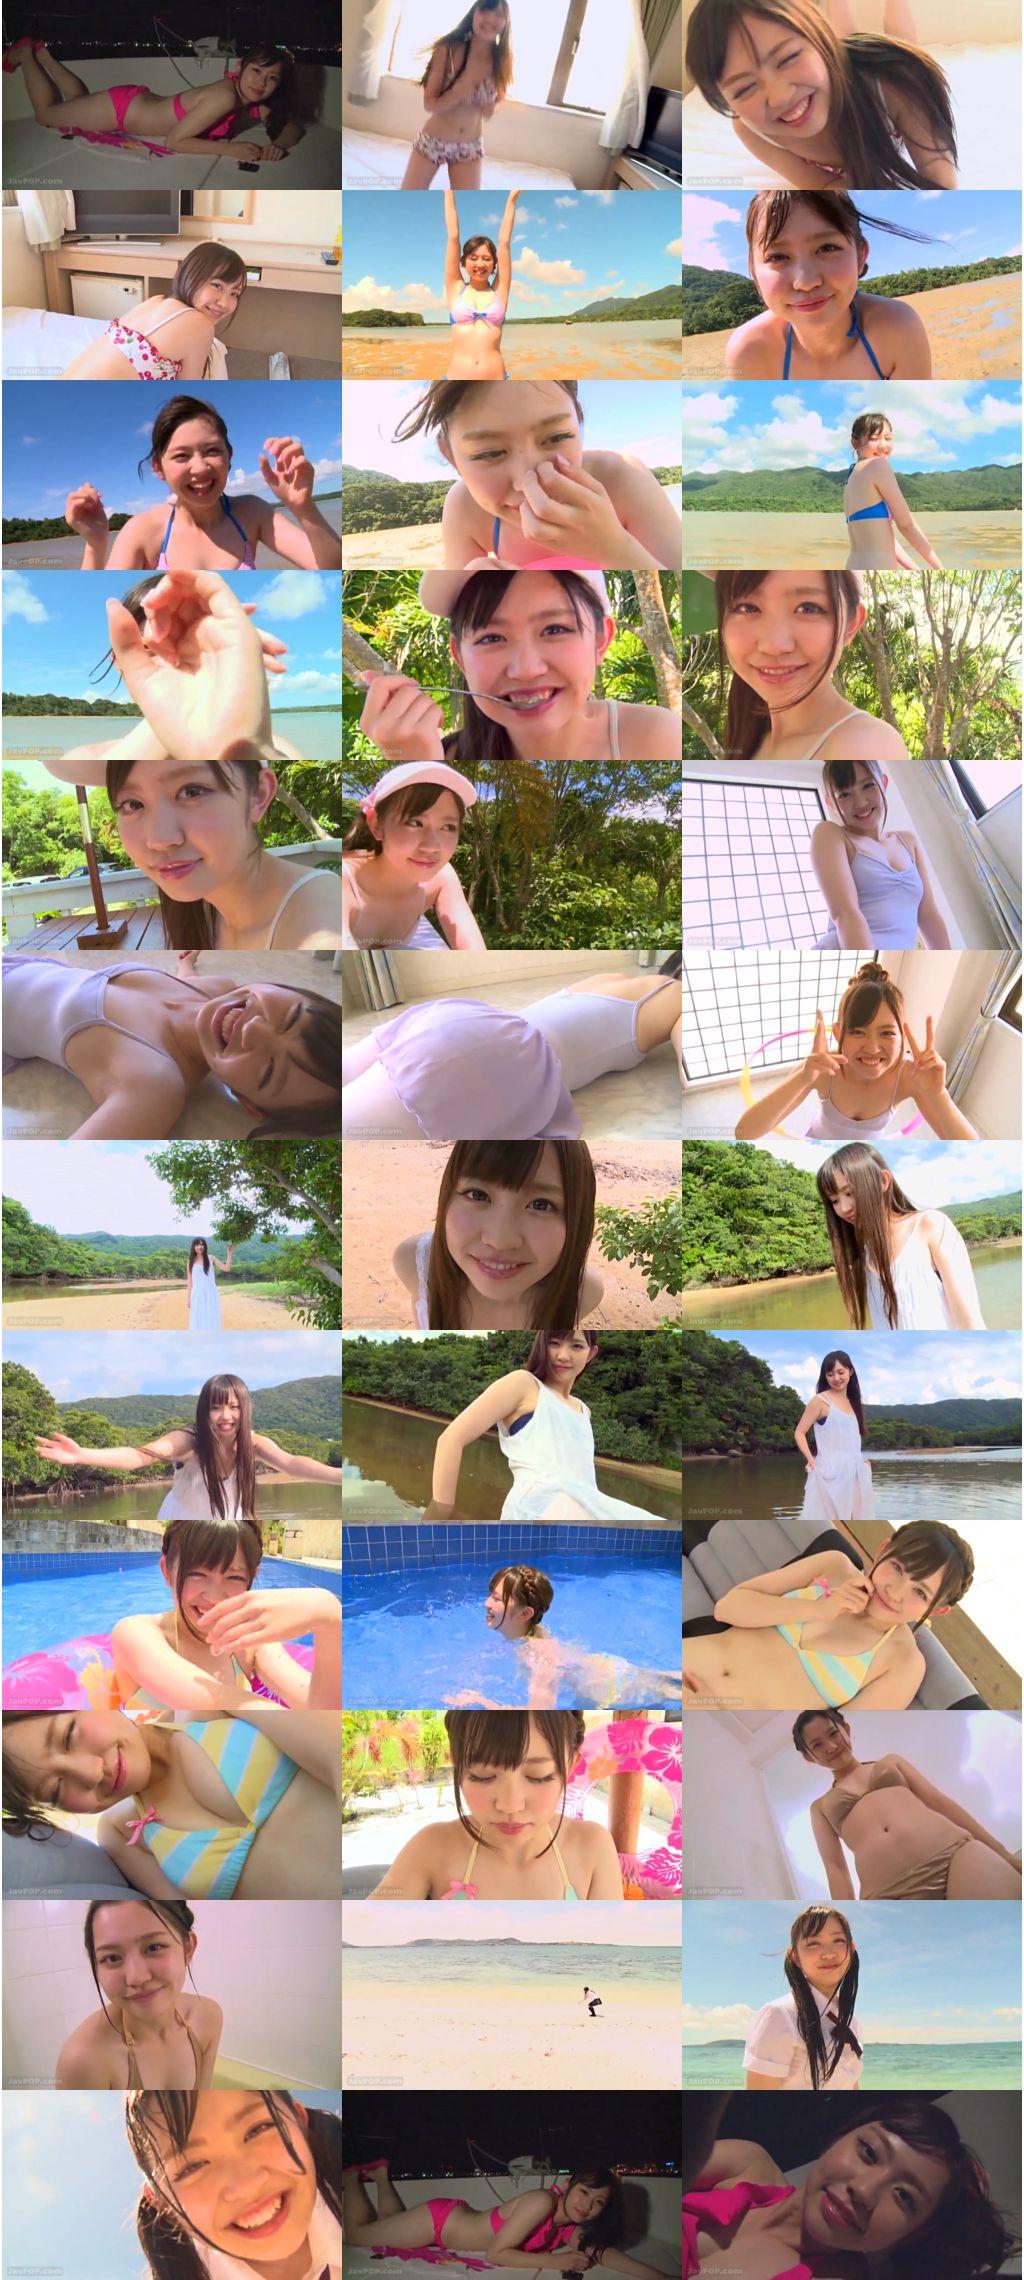 mmr 416 sakura araki s - [MMR-416] 新木さくら Sakura Araki